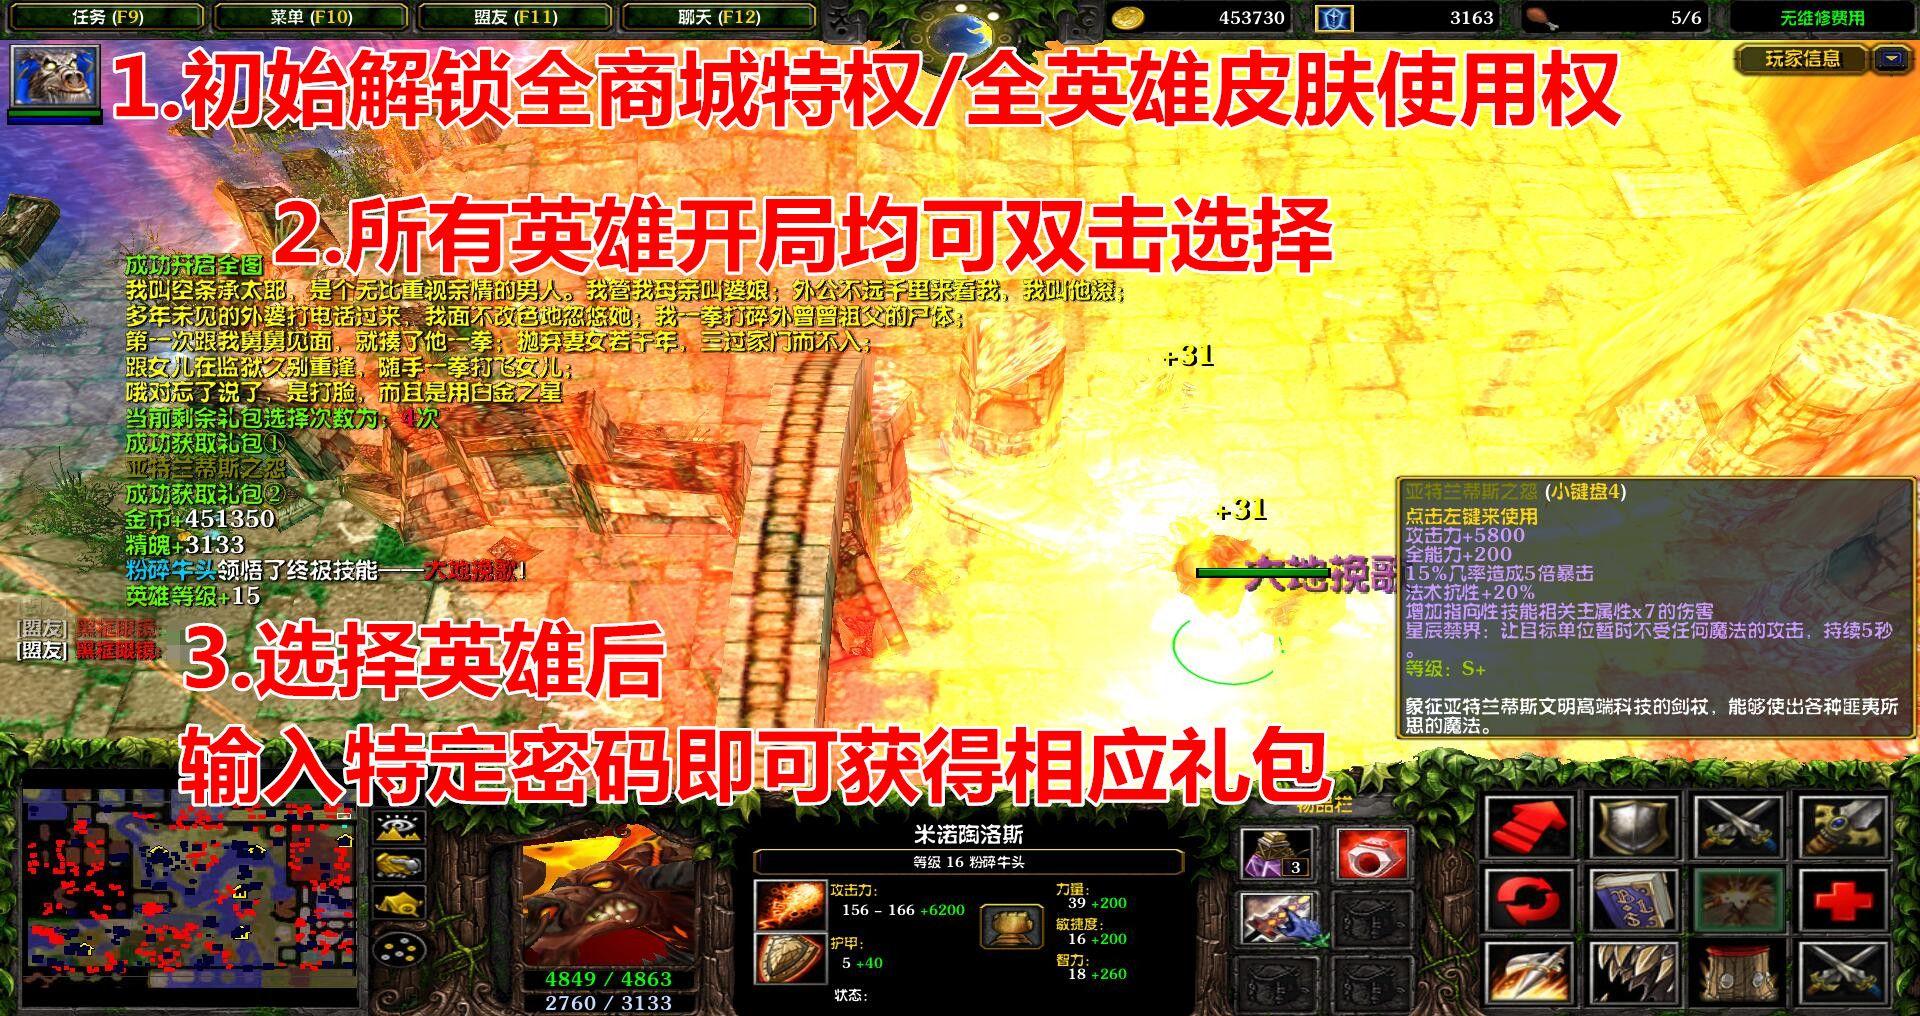 西方世界的劫难III 1.7.5黑式破解 全限定英雄+全商城特权+全皮肤解锁+亚特兰蒂斯之怨